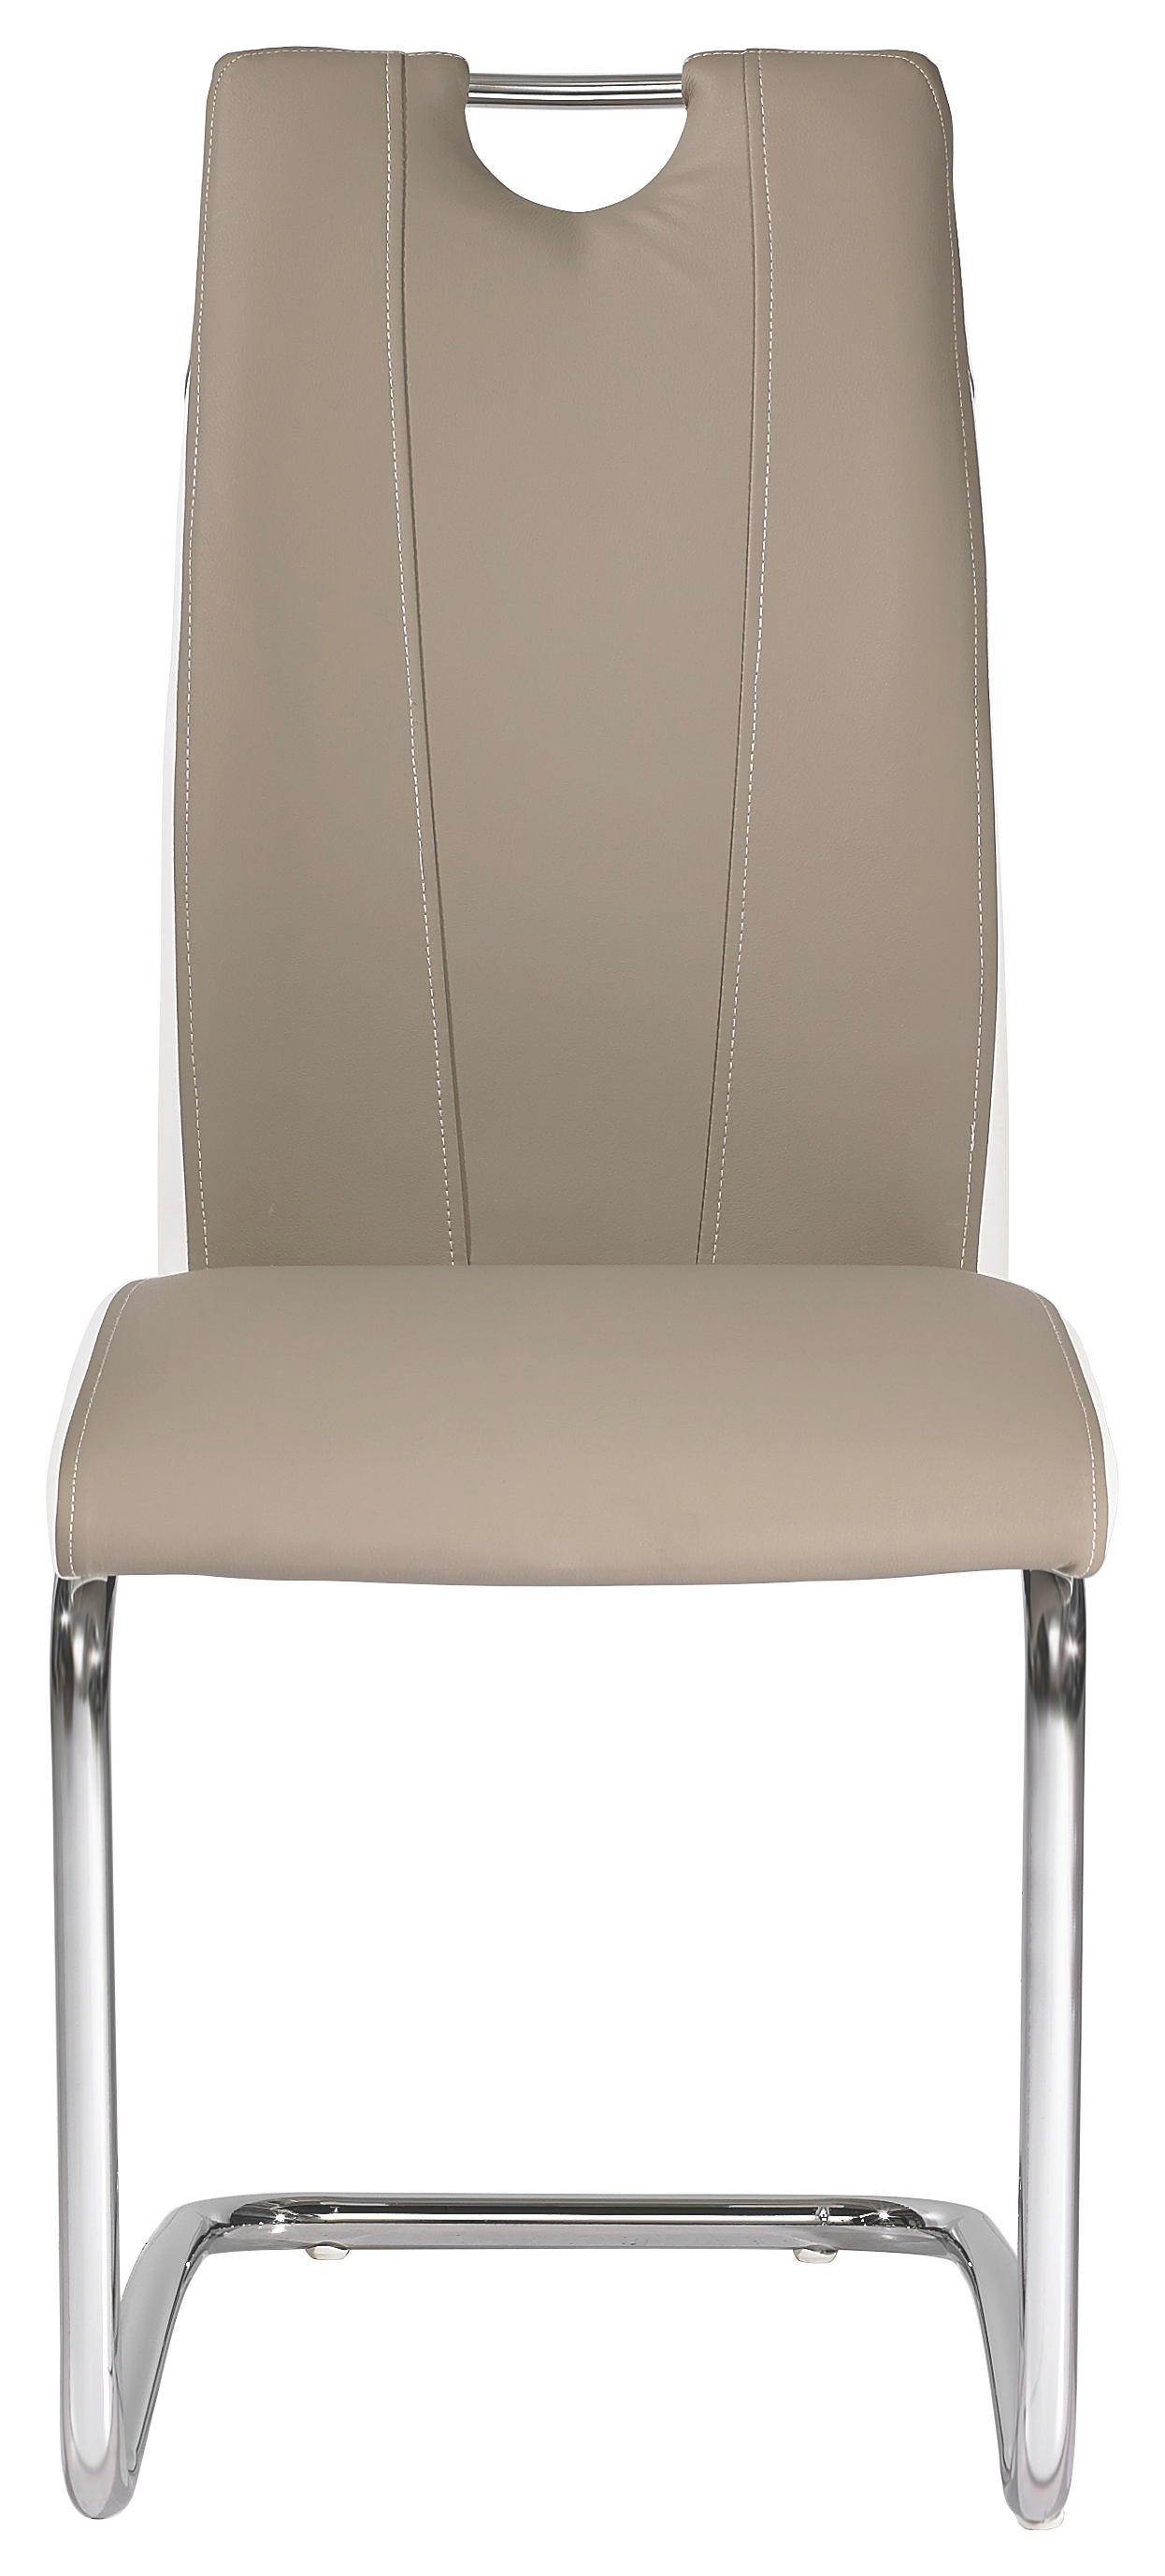 Gewaltig Esstisch Stühle Mit Armlehne Ideen Von